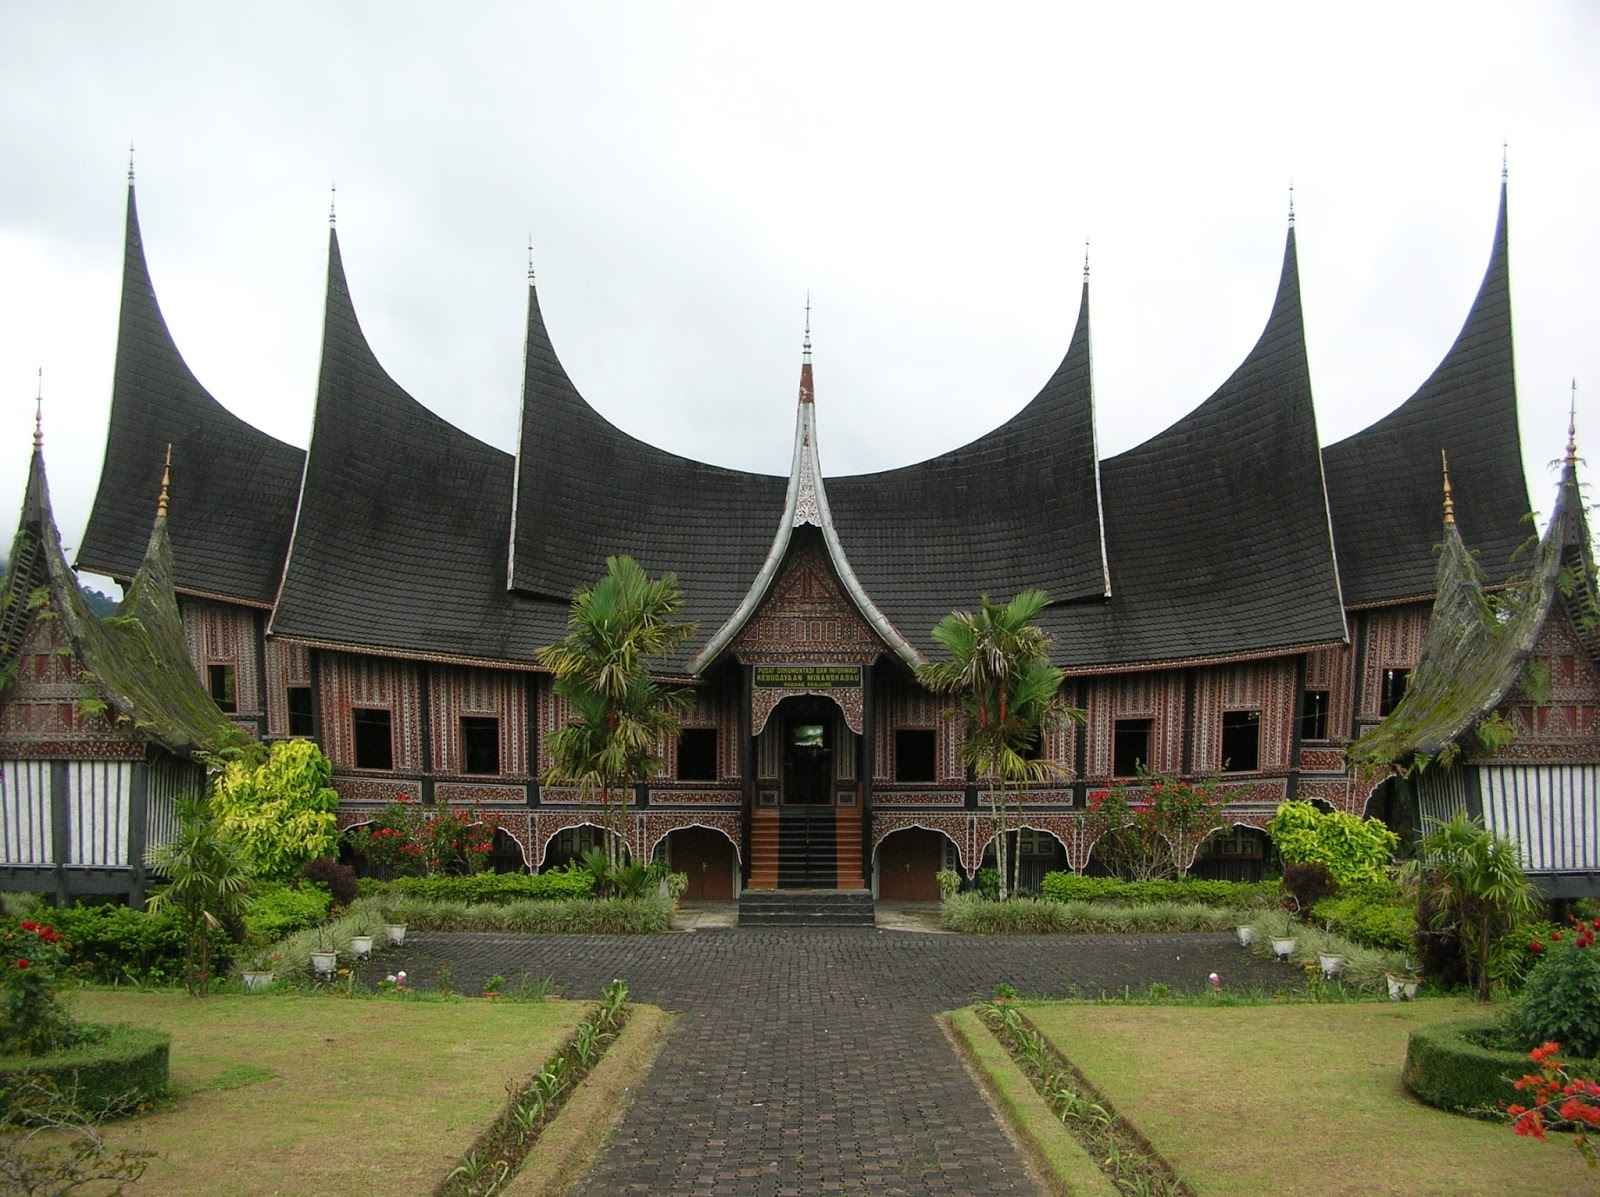 Download this Rumah Melayu Selaso Jatuh Kembar Adat Kepulauan Riau picture